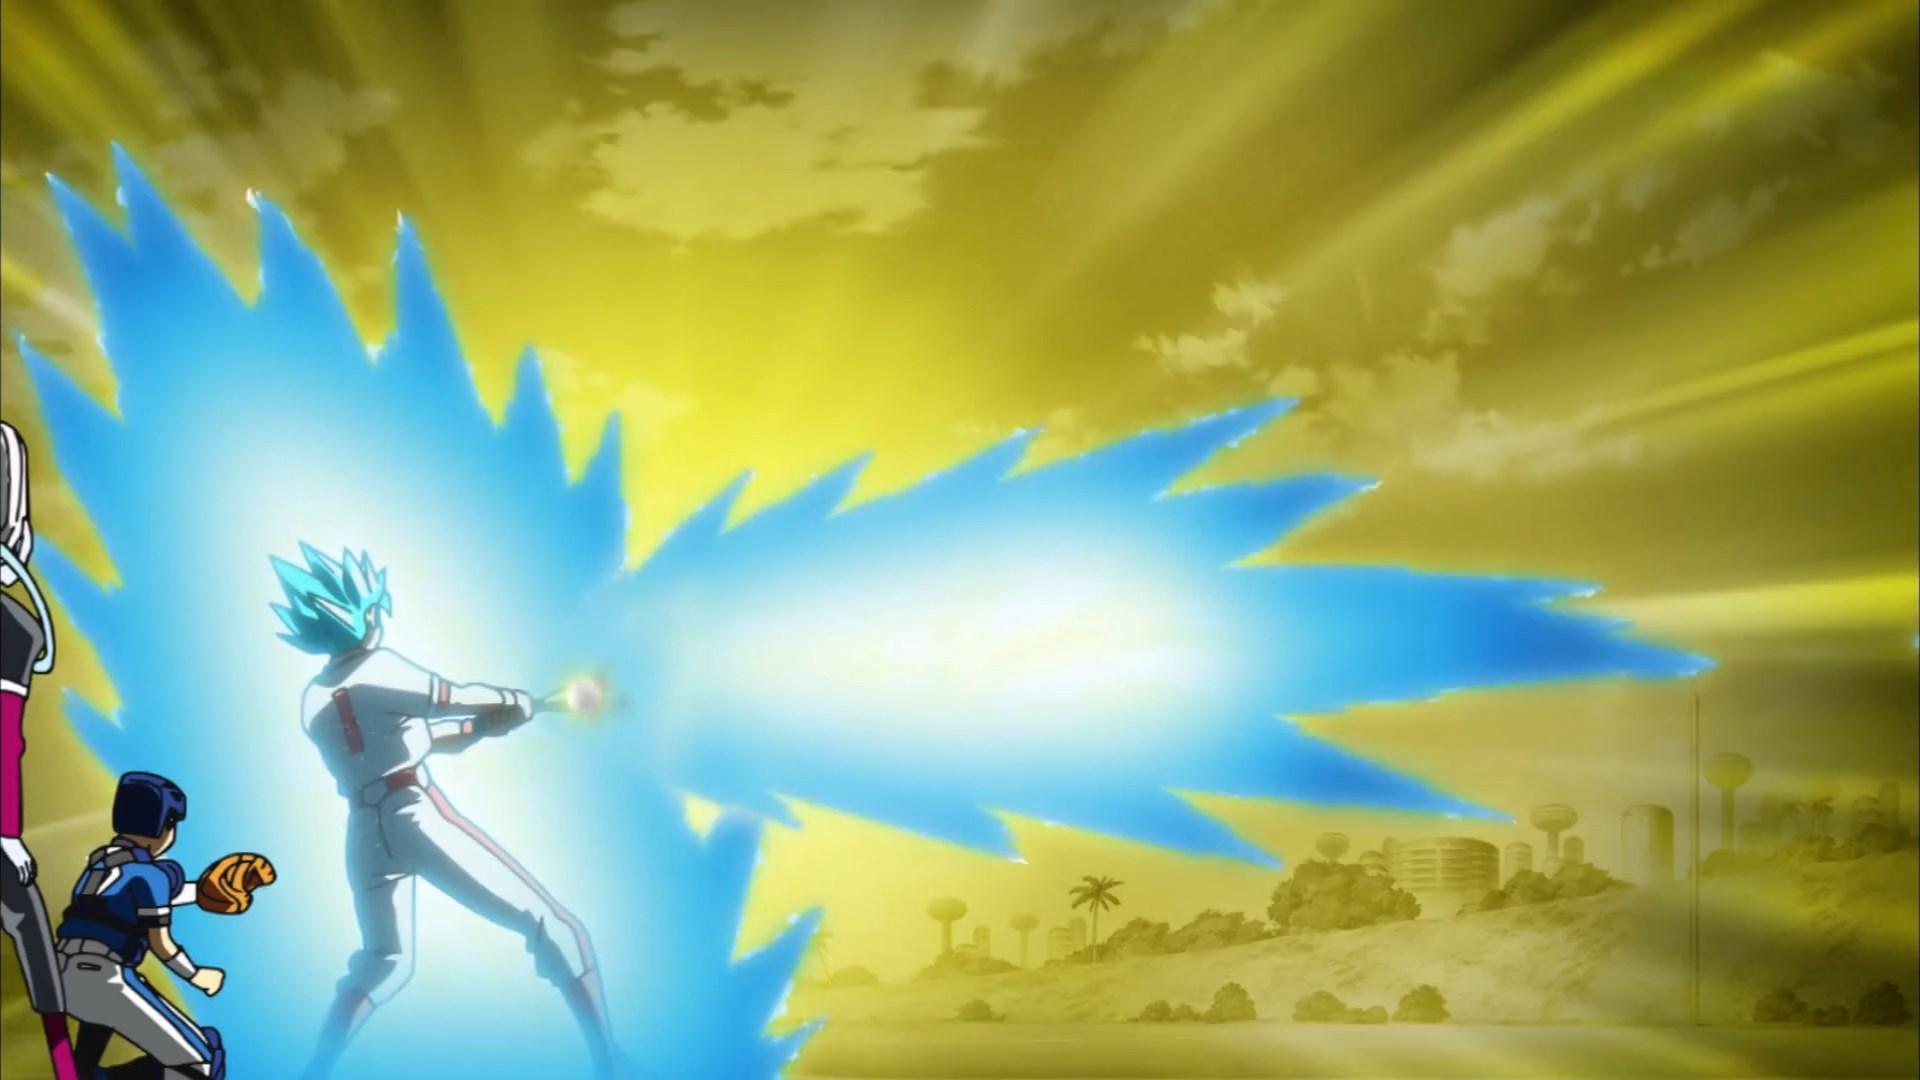 [DS] Dragon Ball Super 070 [1080p].mkv_snapshot_15.30_[2016.12.11_03.51.40]